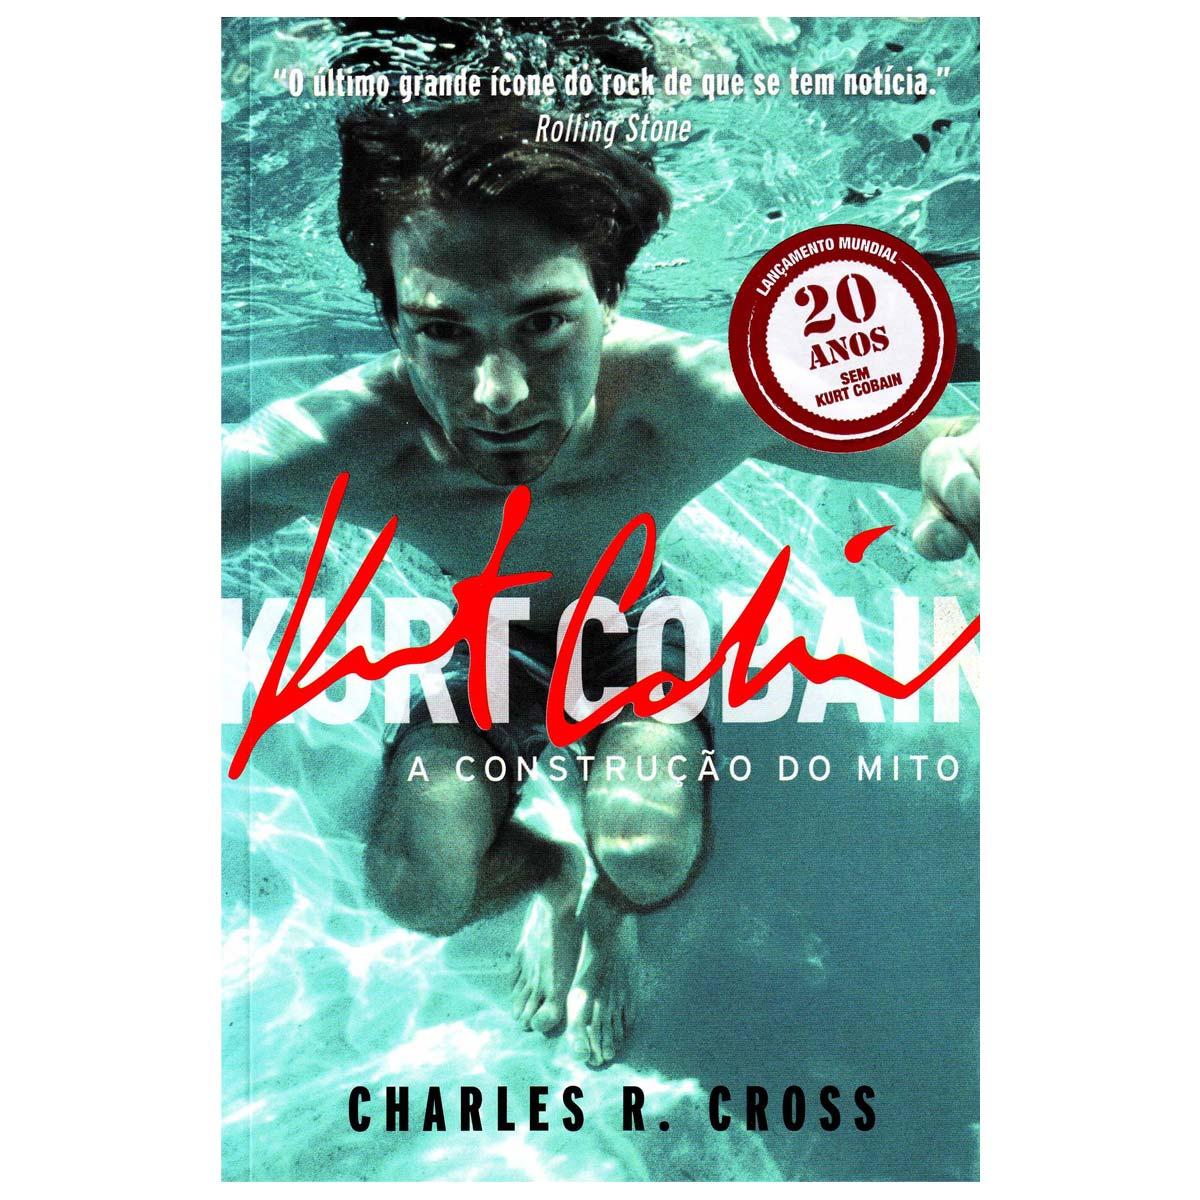 Livro Kurt Cobain a Construção do Mito